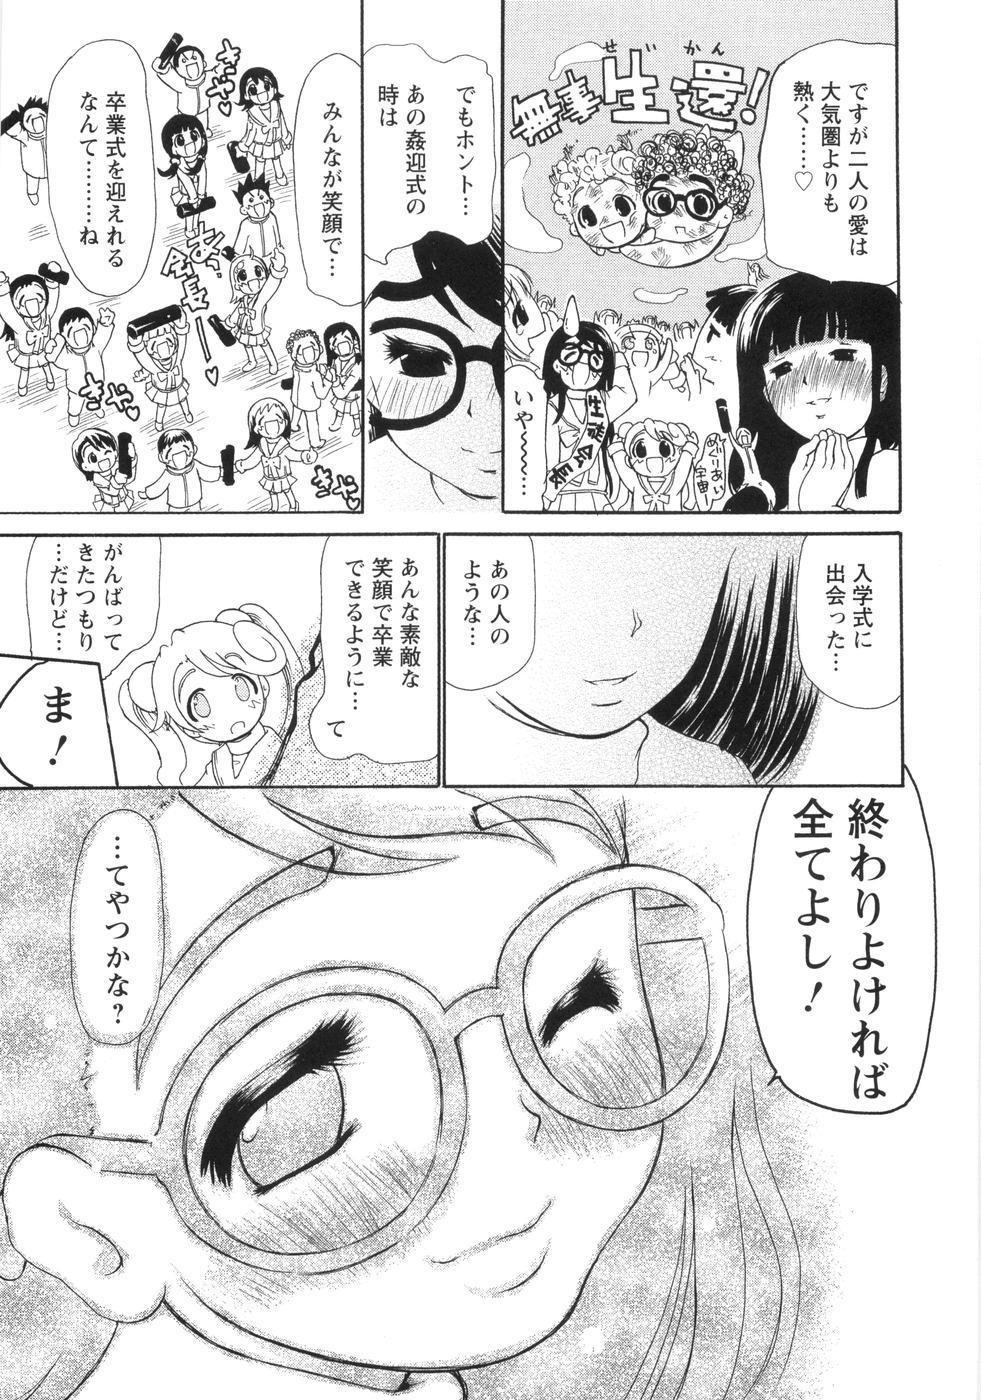 0 PULL TOWN Gakuen e Youkoso! 189